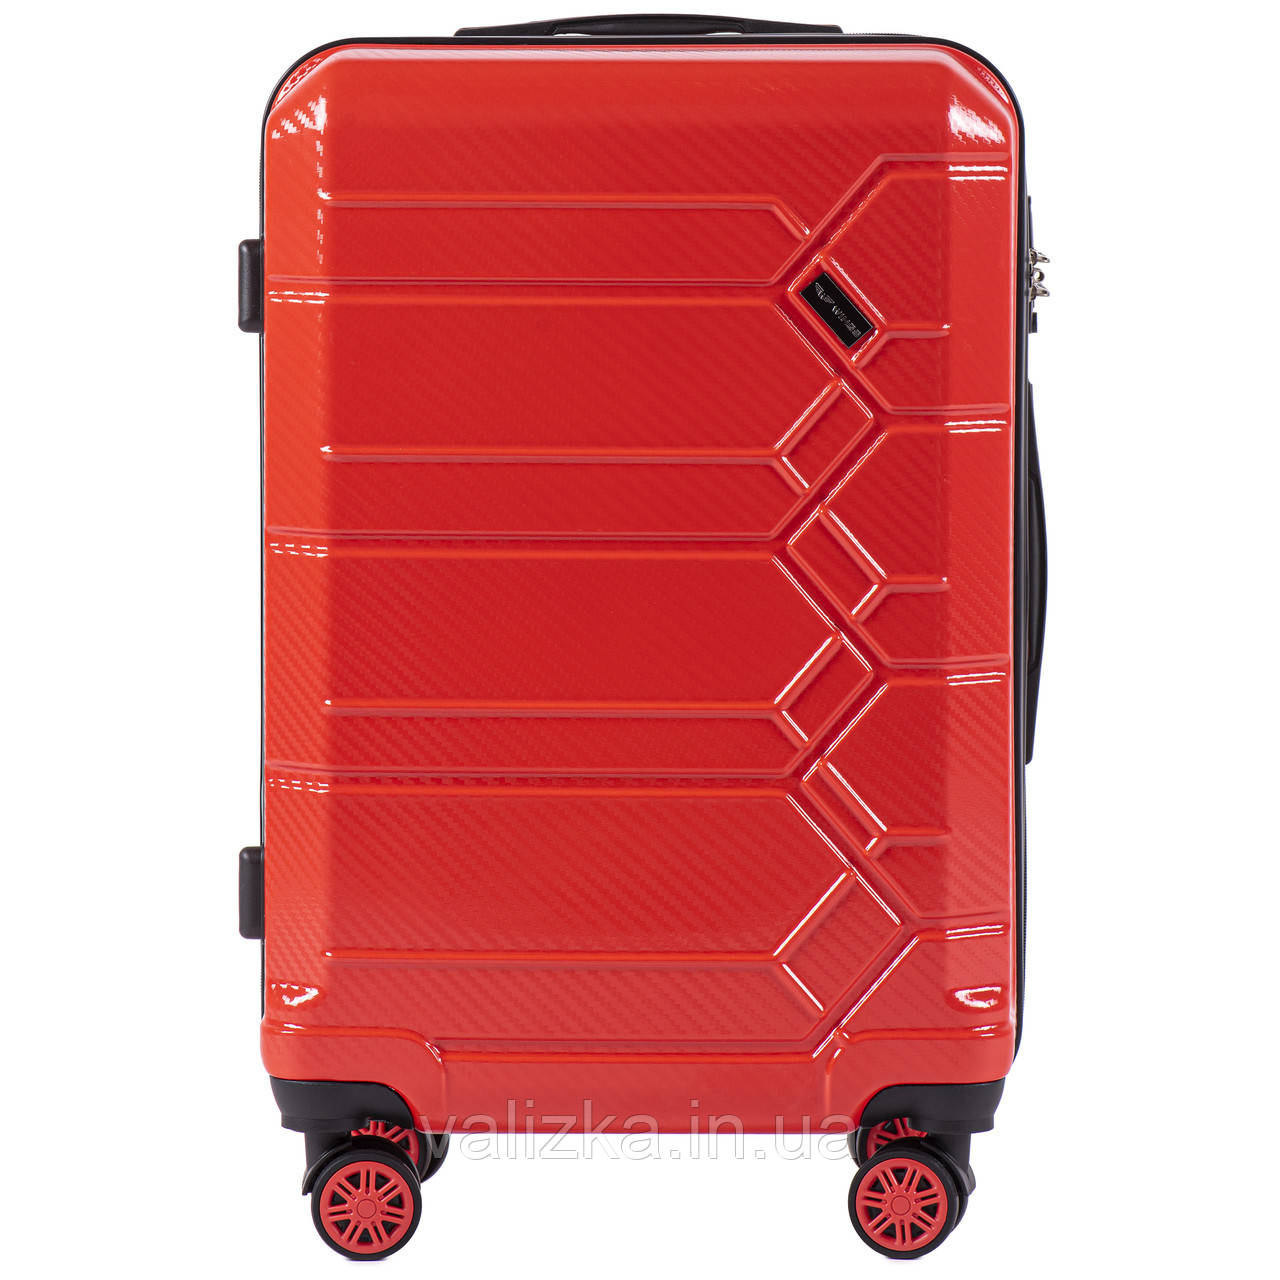 Средний чемодан из поликарбоната премиум серии для ручной клади на 4-х двойных колесах красный